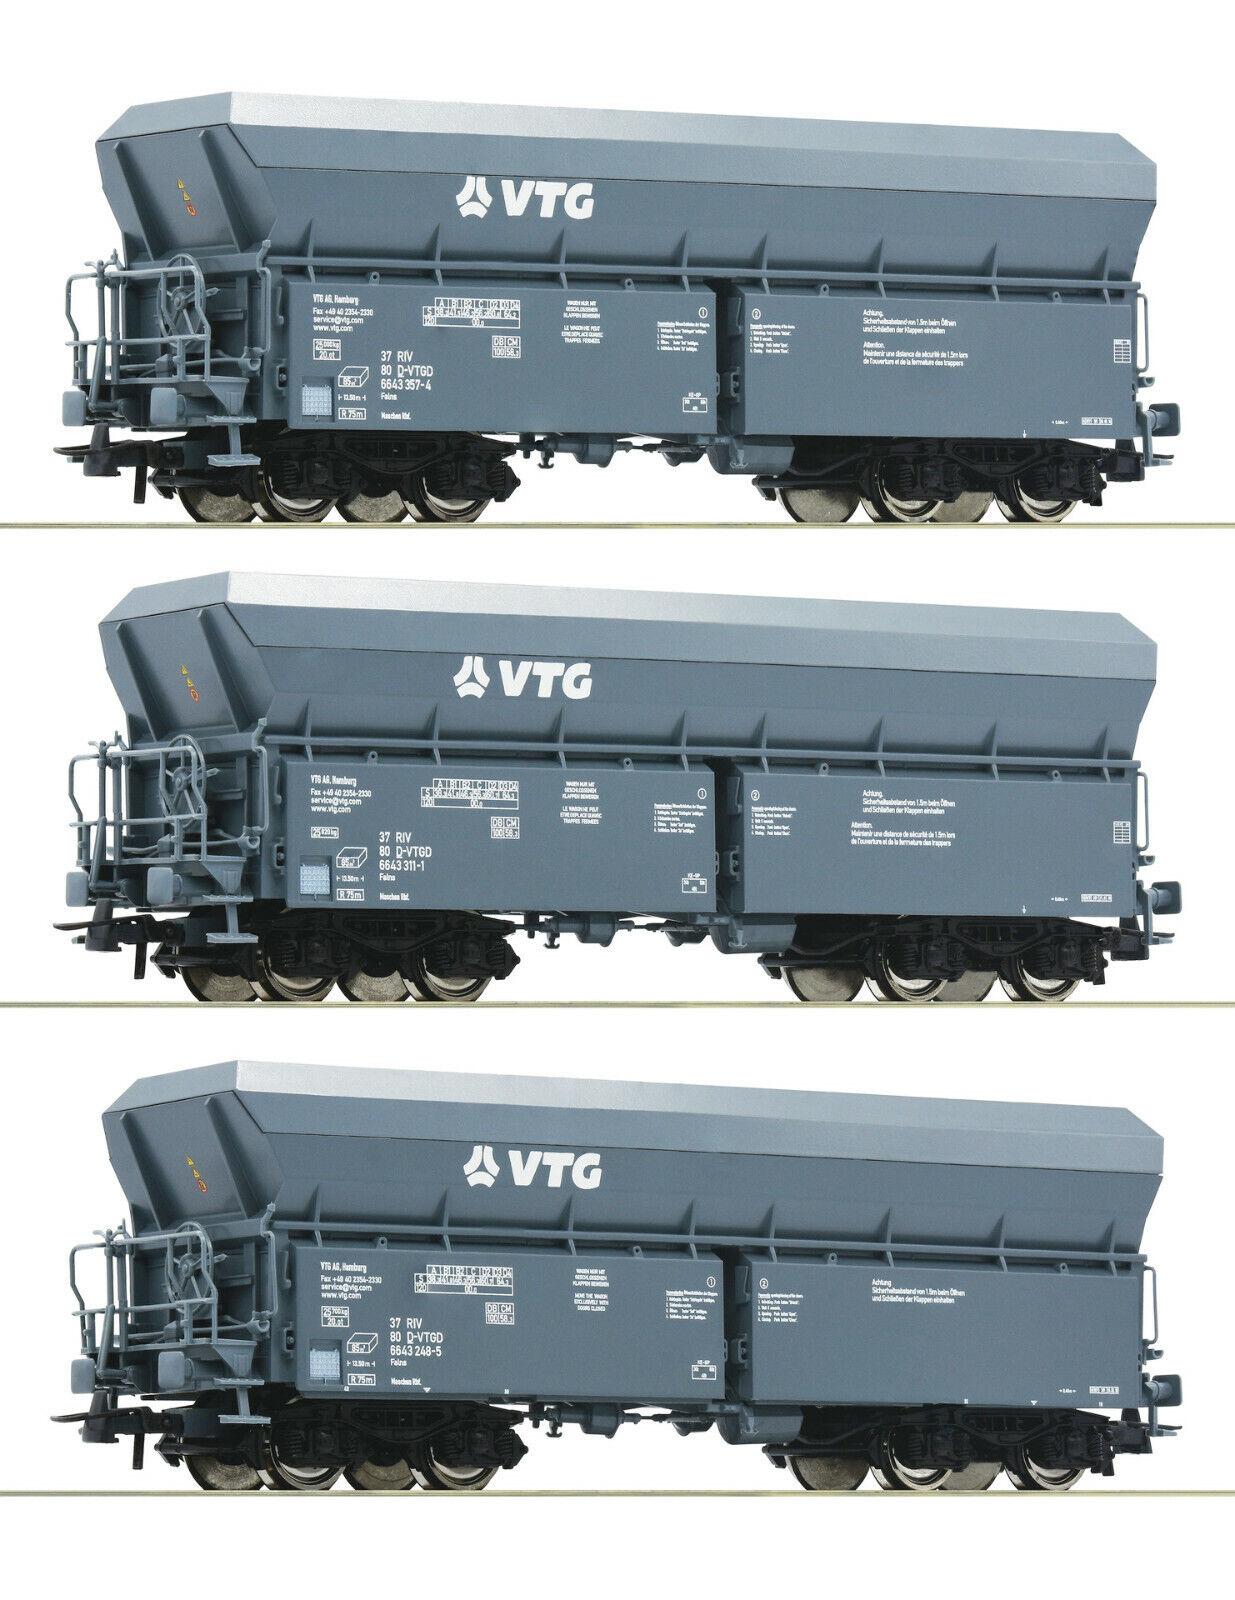 Roco ho 76092 - 3 unid set  selbstentladewagen, VTG, tipo de construcción, falns novedad 2019